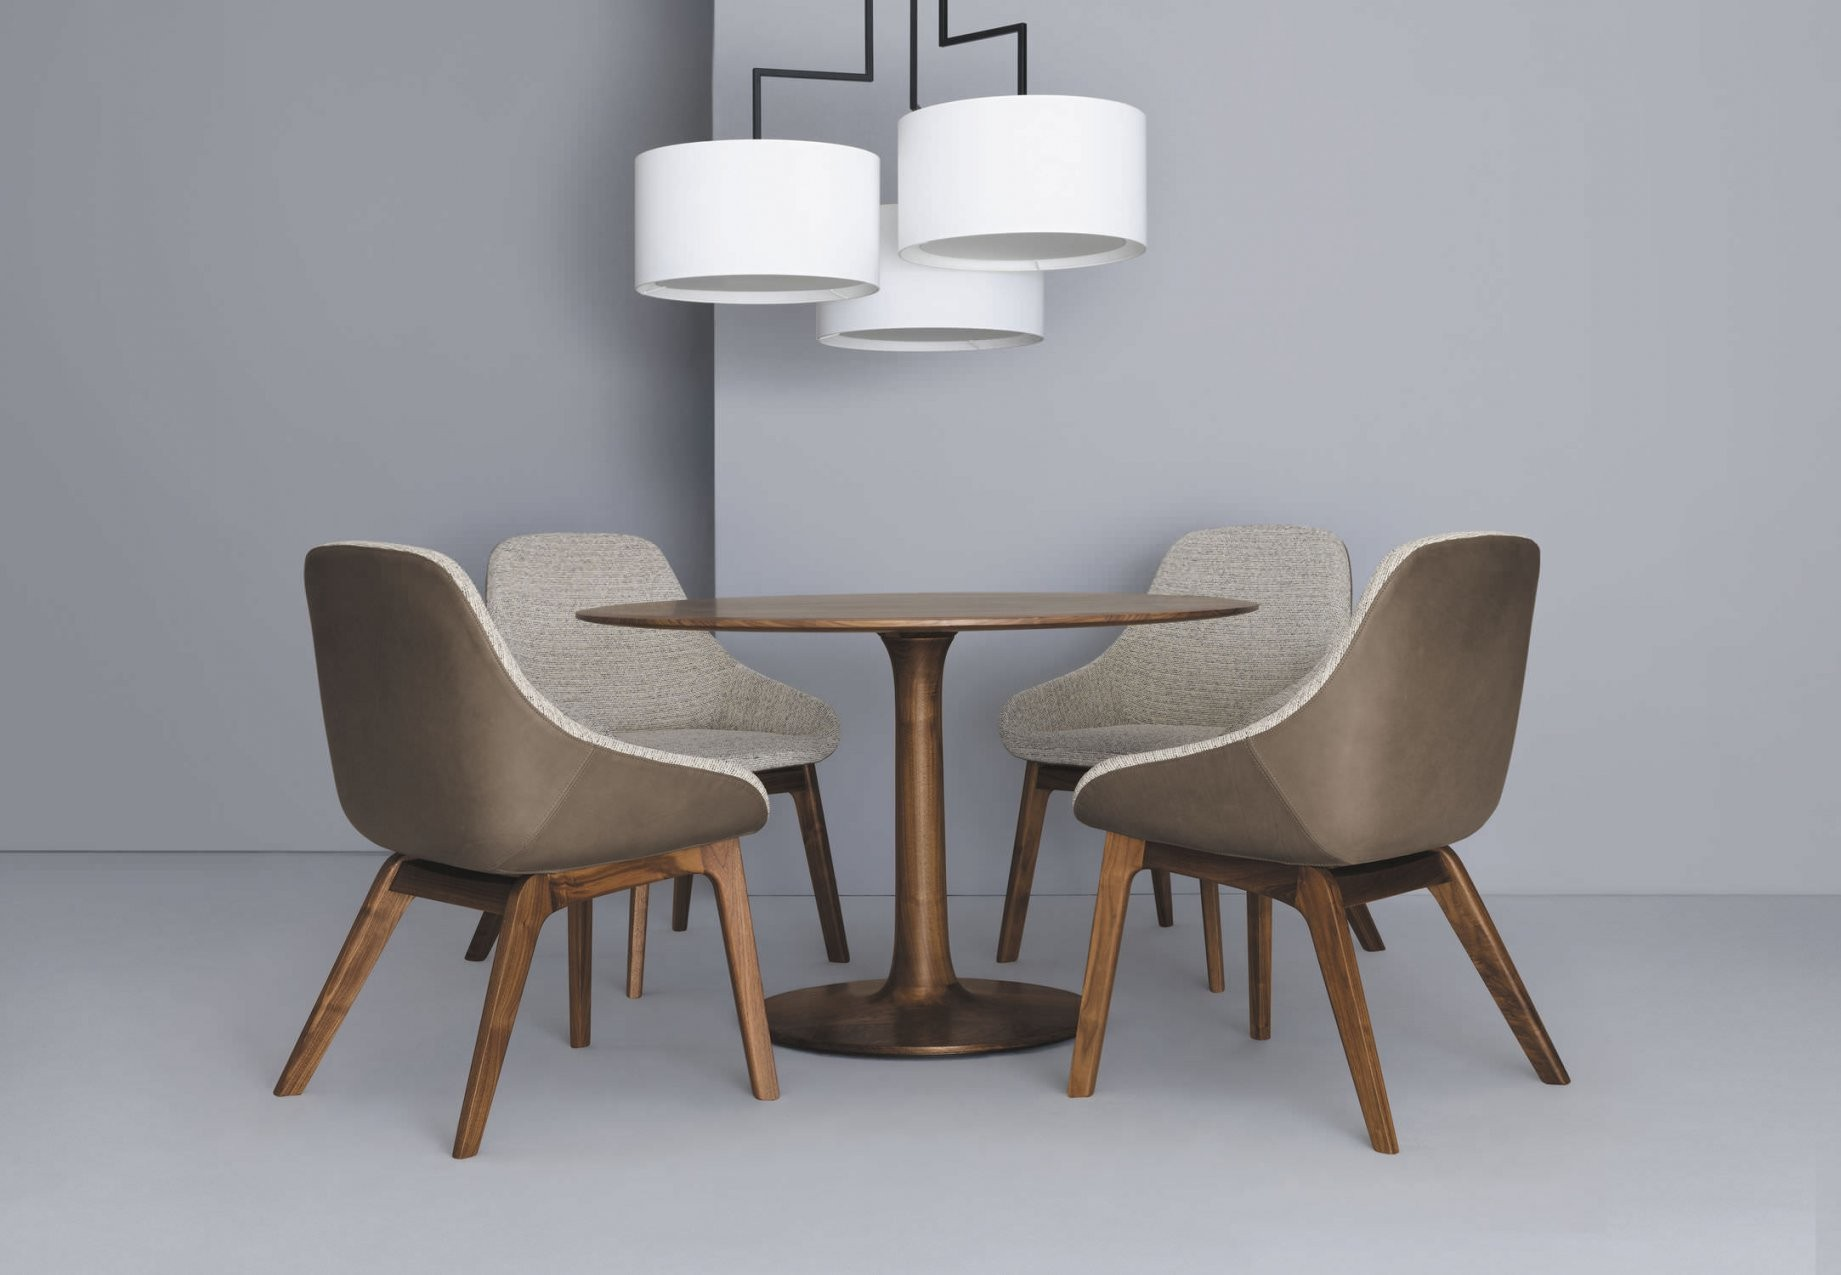 Moderner Restaurantstuhl  Polster  Massivholz  Leder  Morph von Stühle Modernes Design Bild